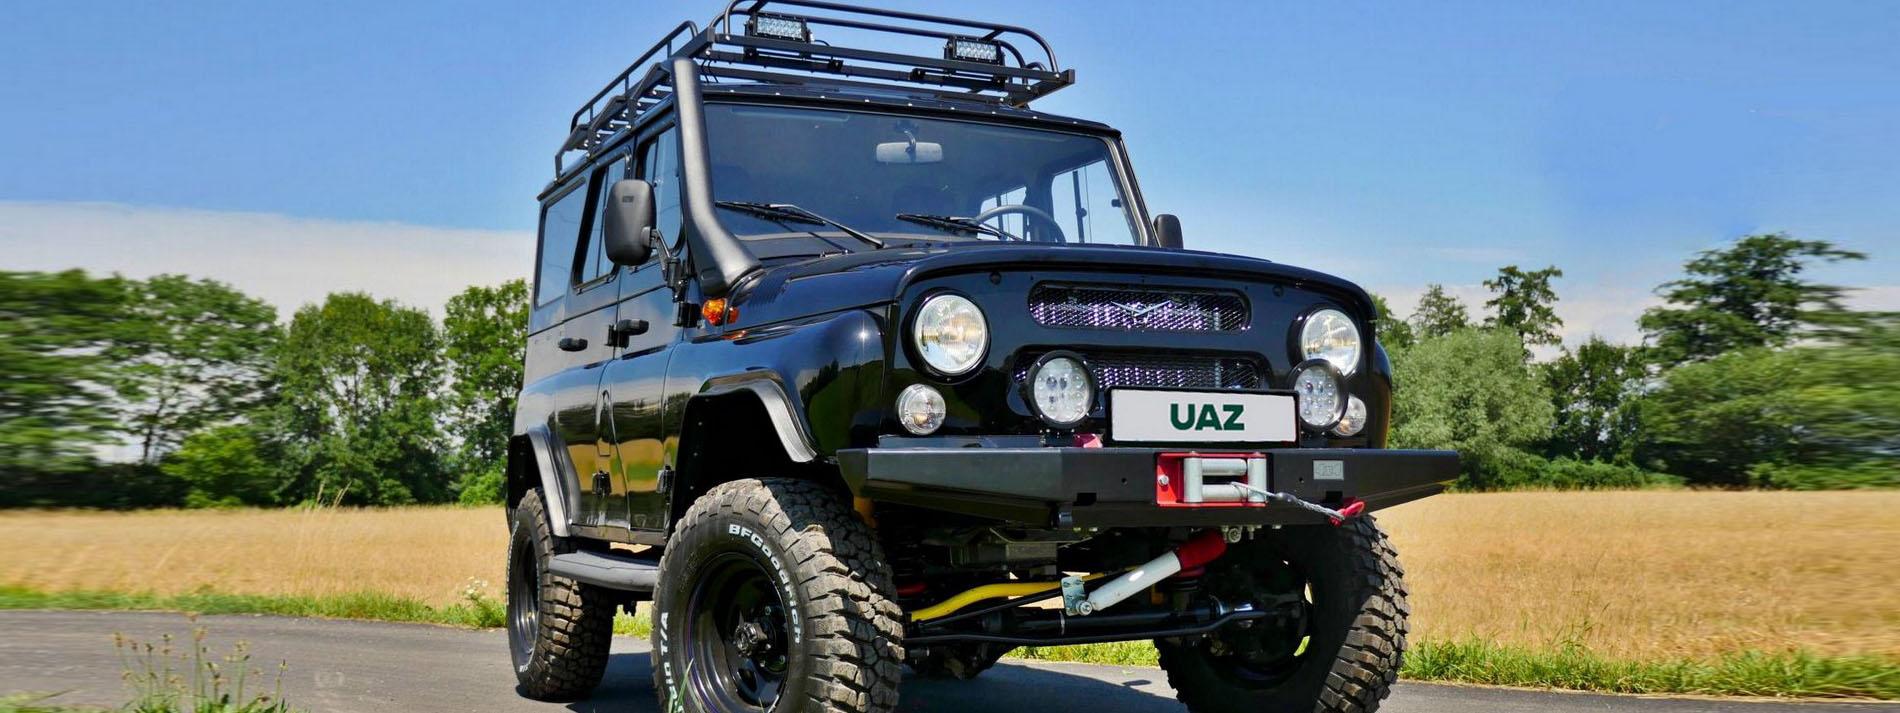 UAZ Hunter   http://madeinrussia.de